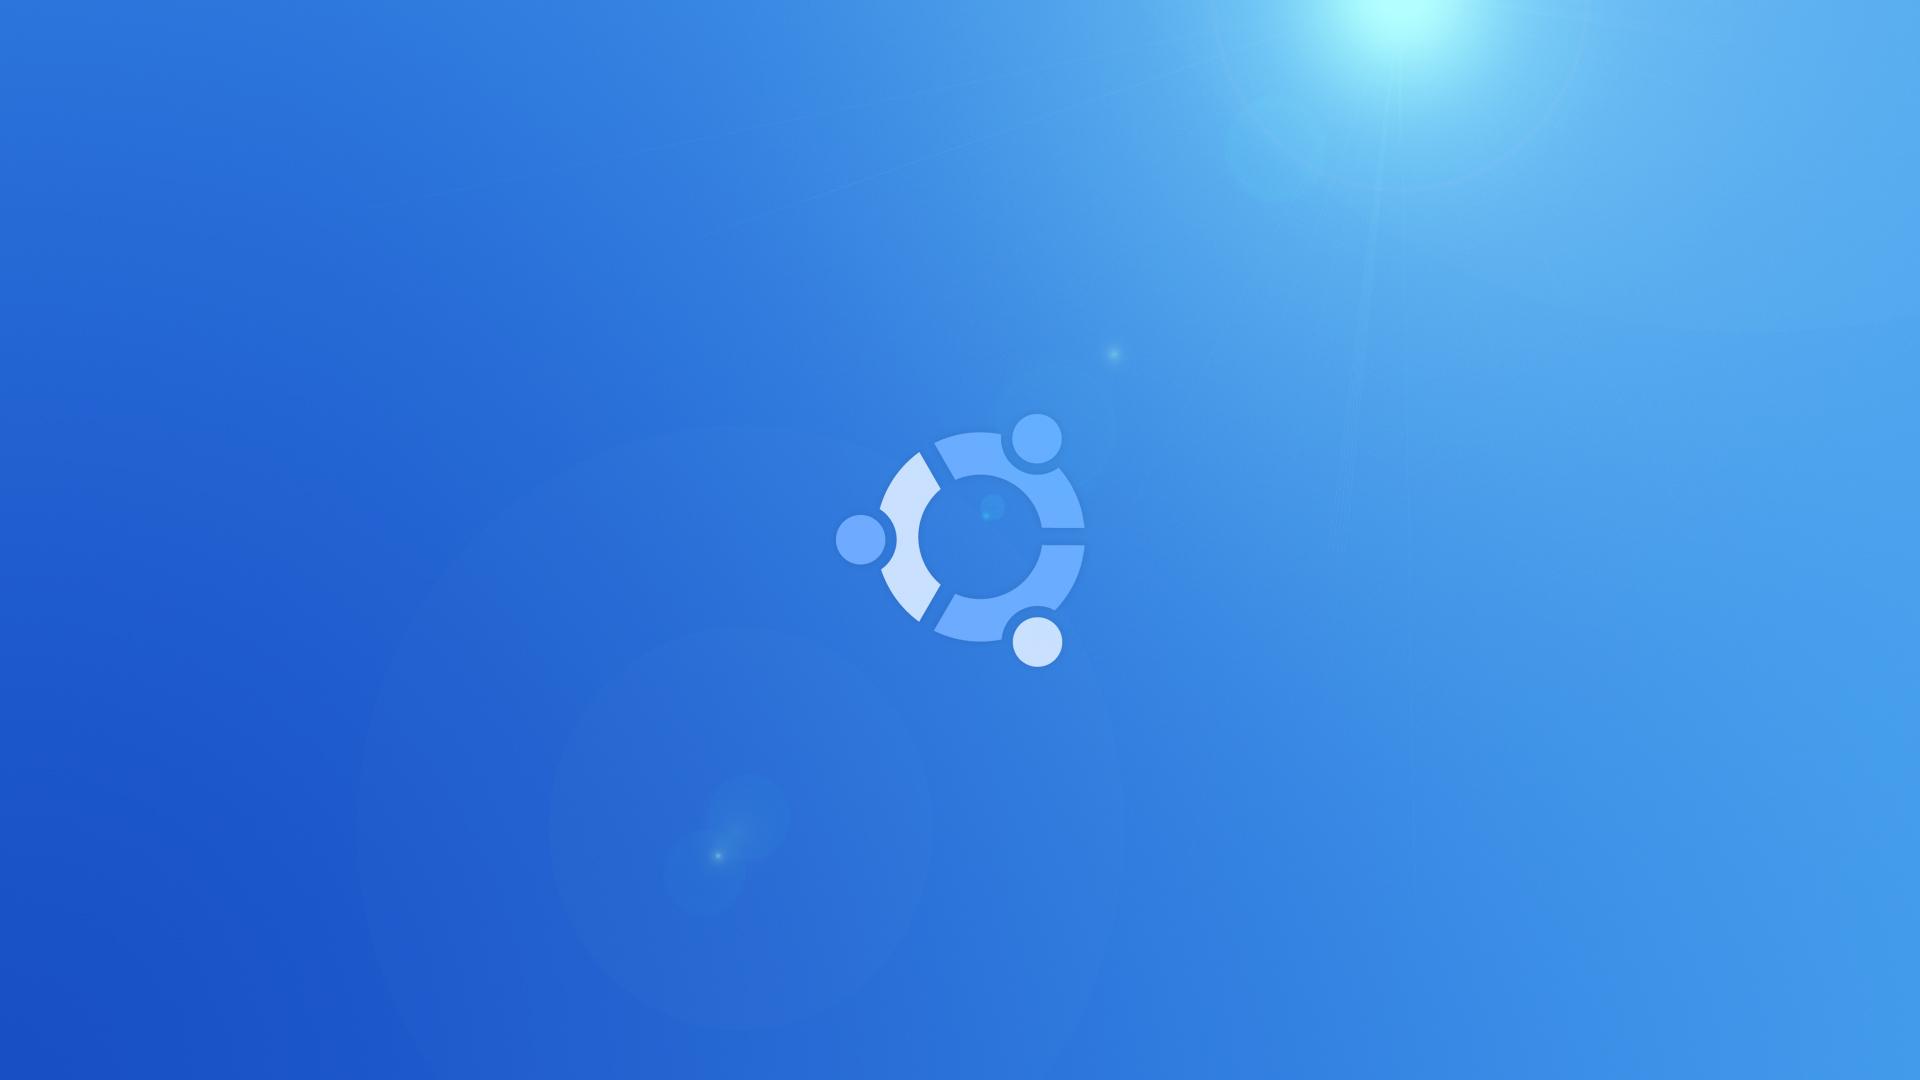 ubuntu wallpaper linux morzze -#main